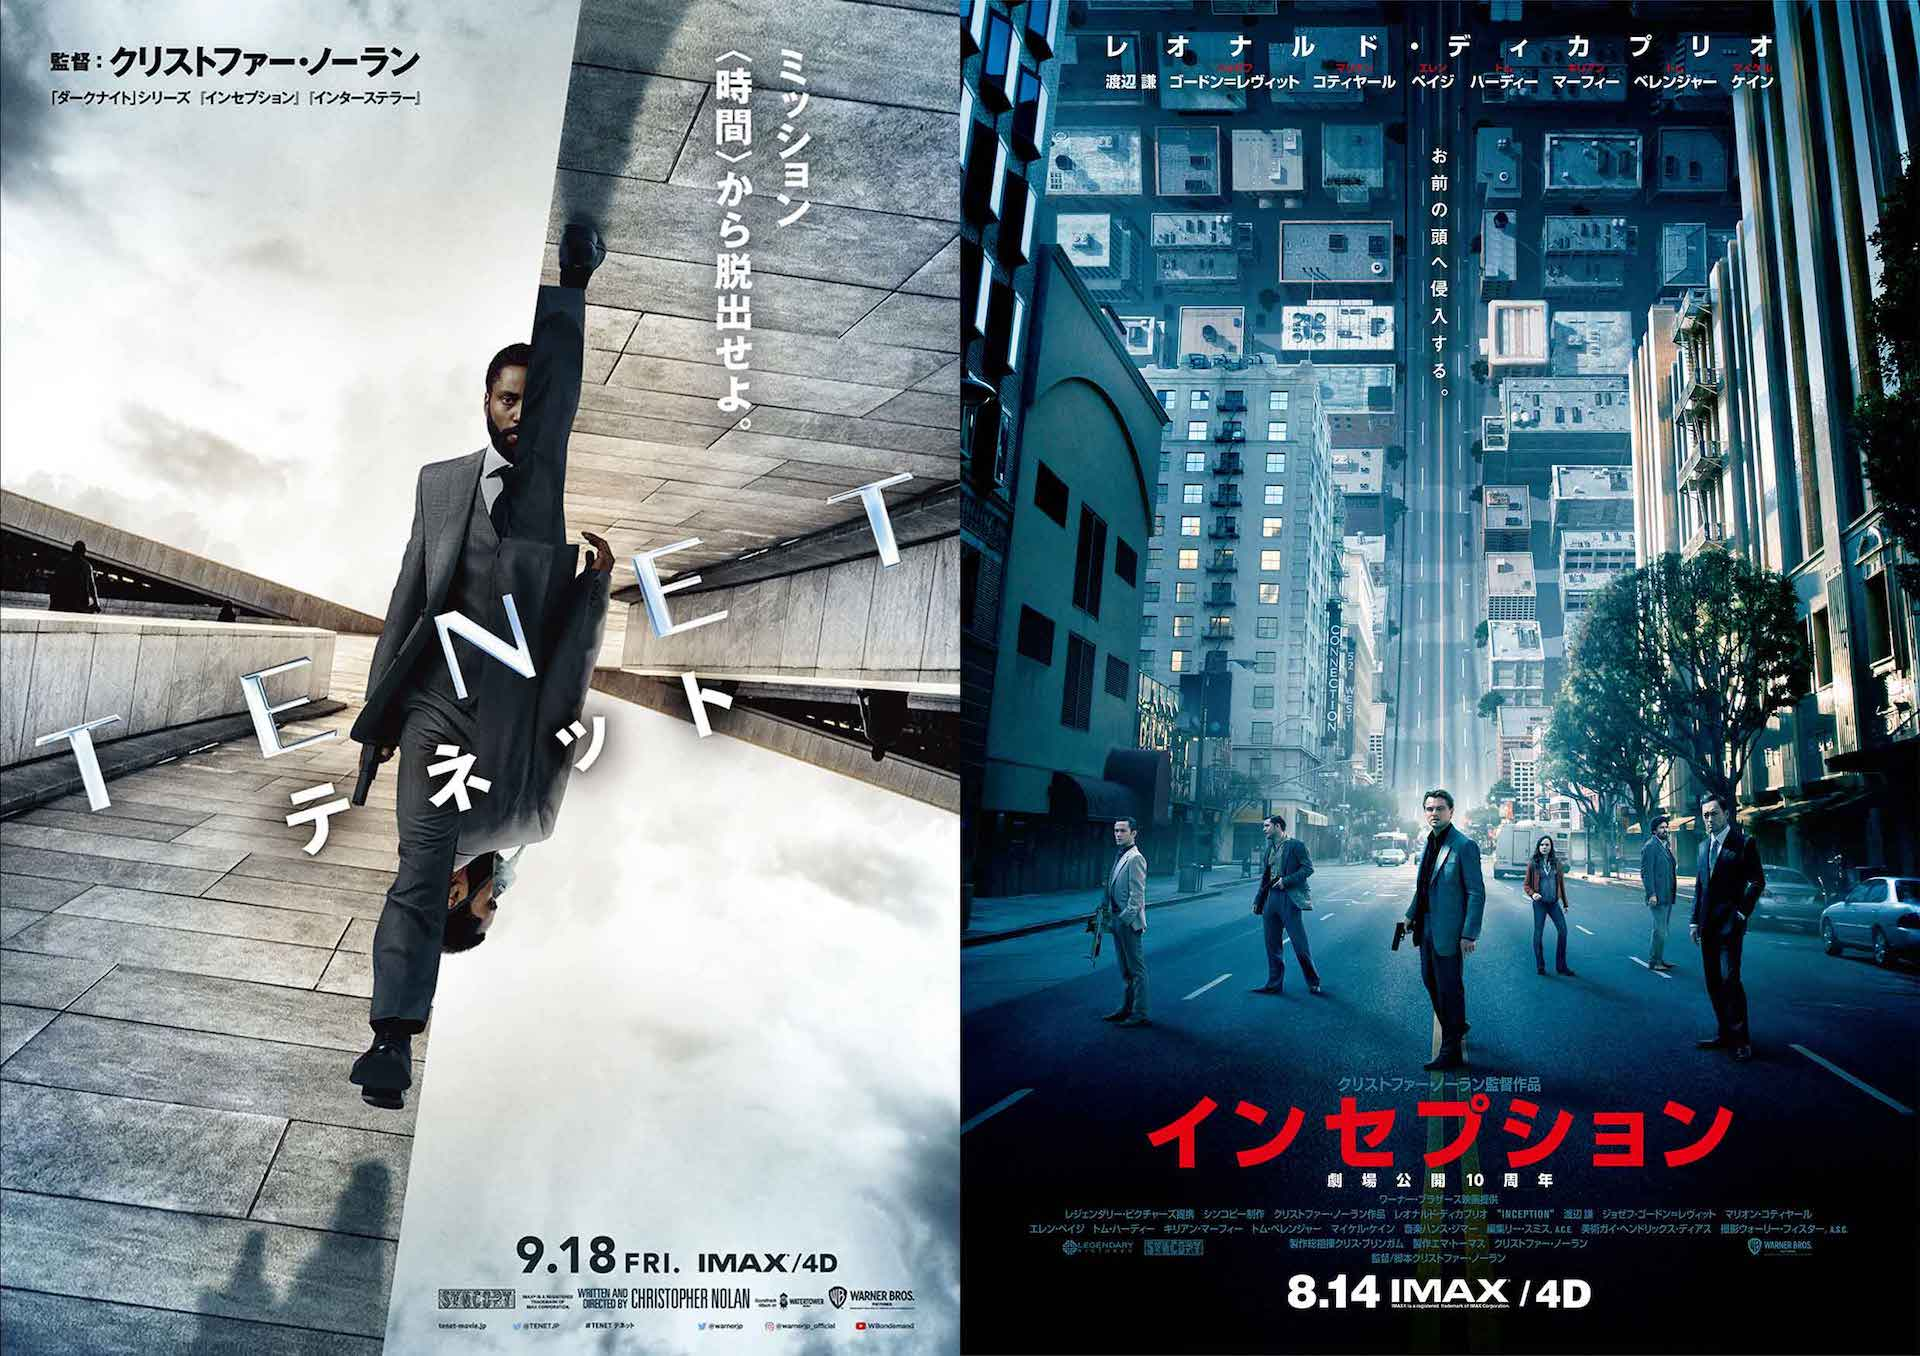 今度は『インセプション』がIMAX&4D版で上映決定!ノーラン祭り第3弾開催&『TENET テネット』のプロローグ映像上映も film200730_inception_tenet_main